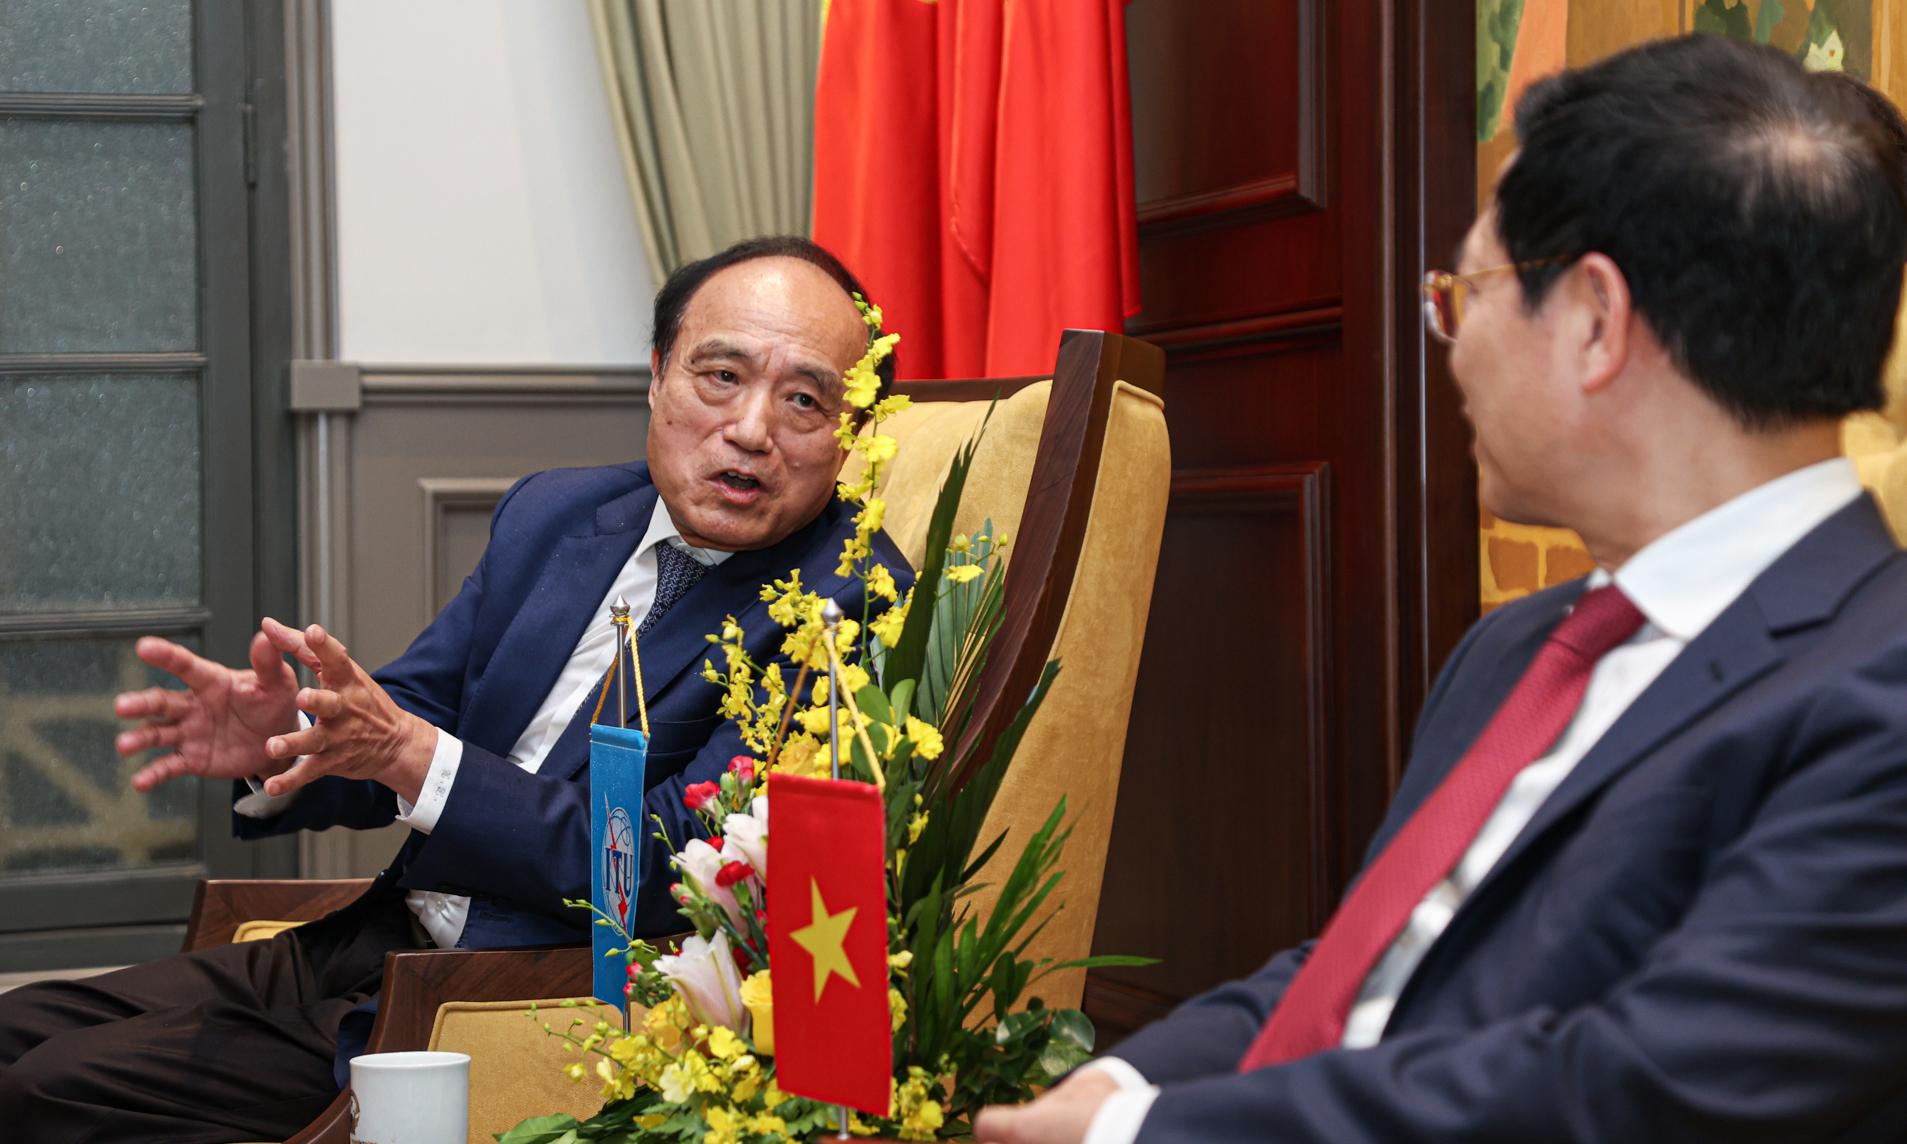 Ông Zhao Houlin - Tổng thư ký Liên minh Viễn thông Quốc tế trong buổi gặp Bộ trưởng Thông tin và Truyền thông Nguyễn Mạnh Hùng. Ảnh: Minh Sơn